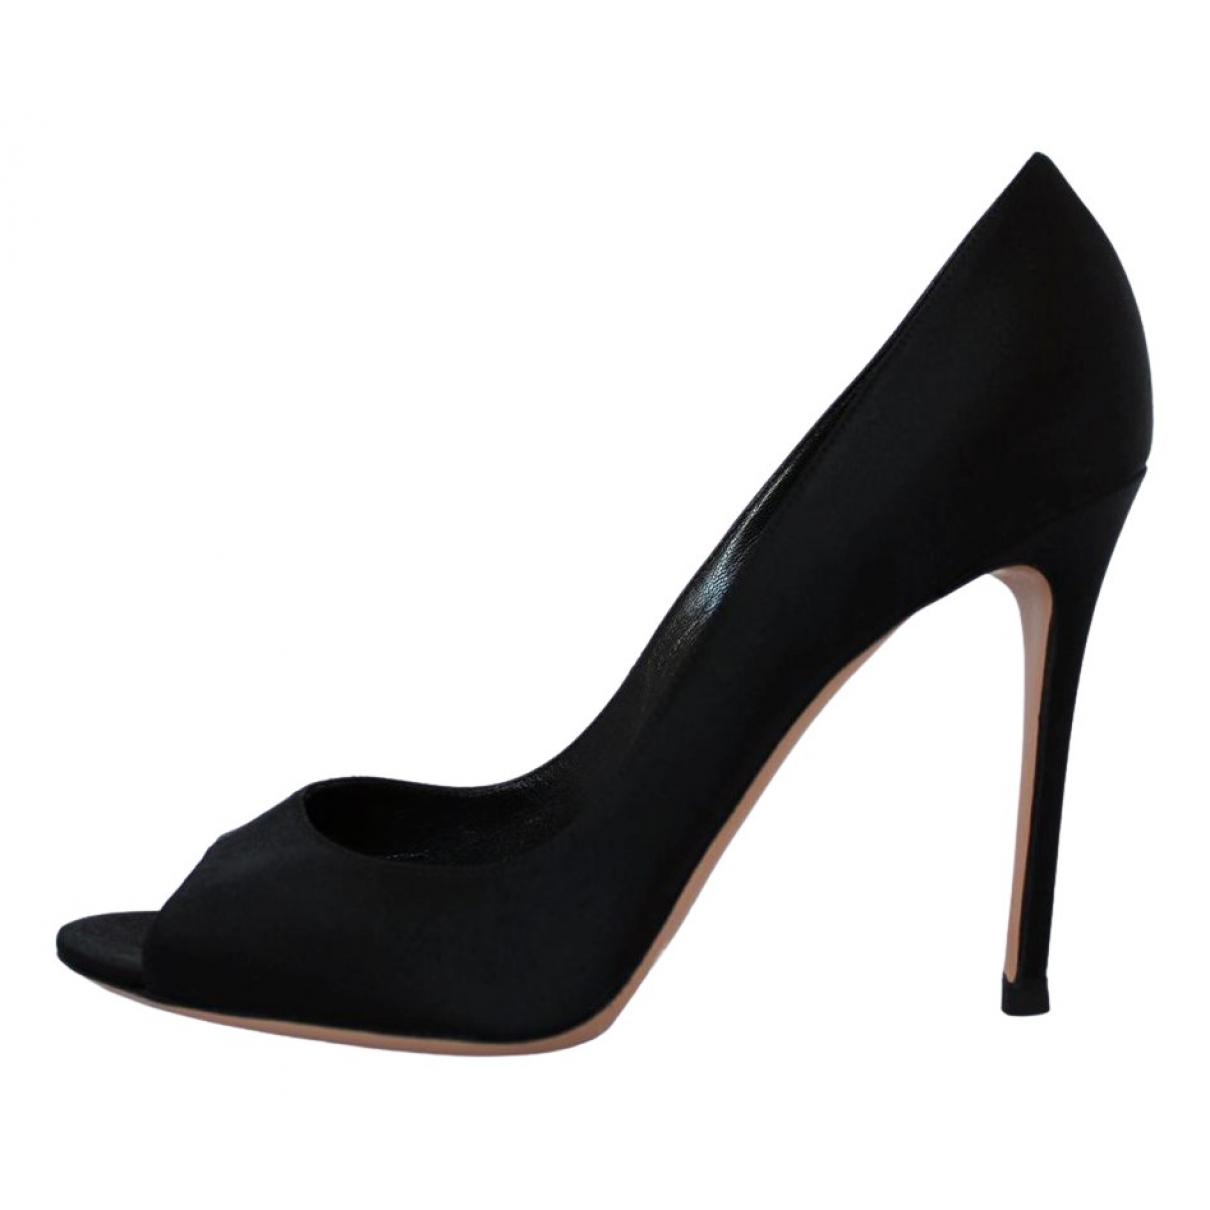 Gianvito Rossi - Sandales   pour femme en toile - noir